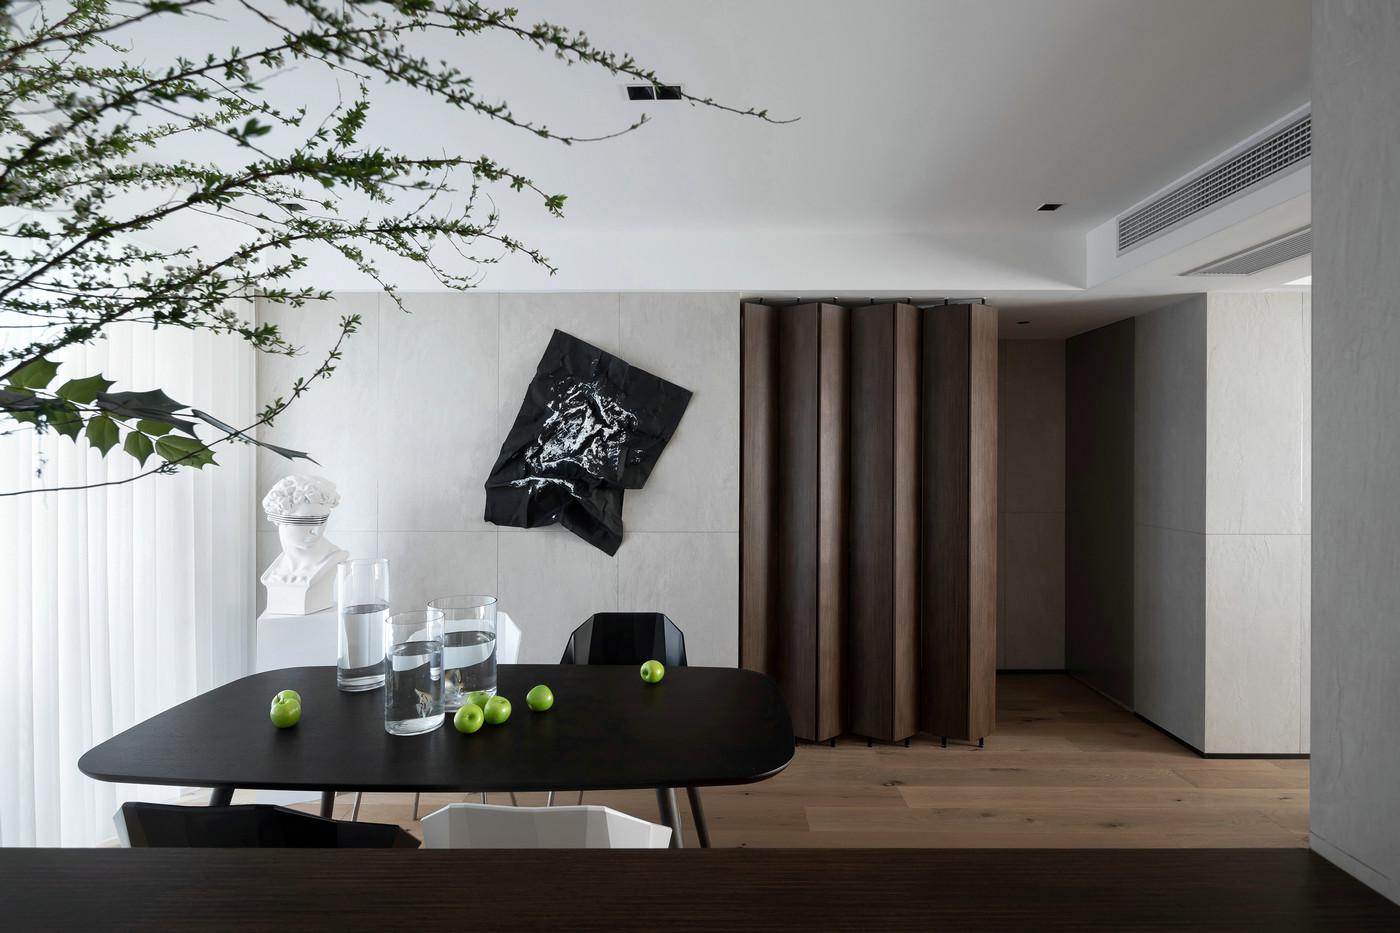 餐厅空间整洁沉静,精美装饰物的存在为餐厅增添了一抹艺术感。